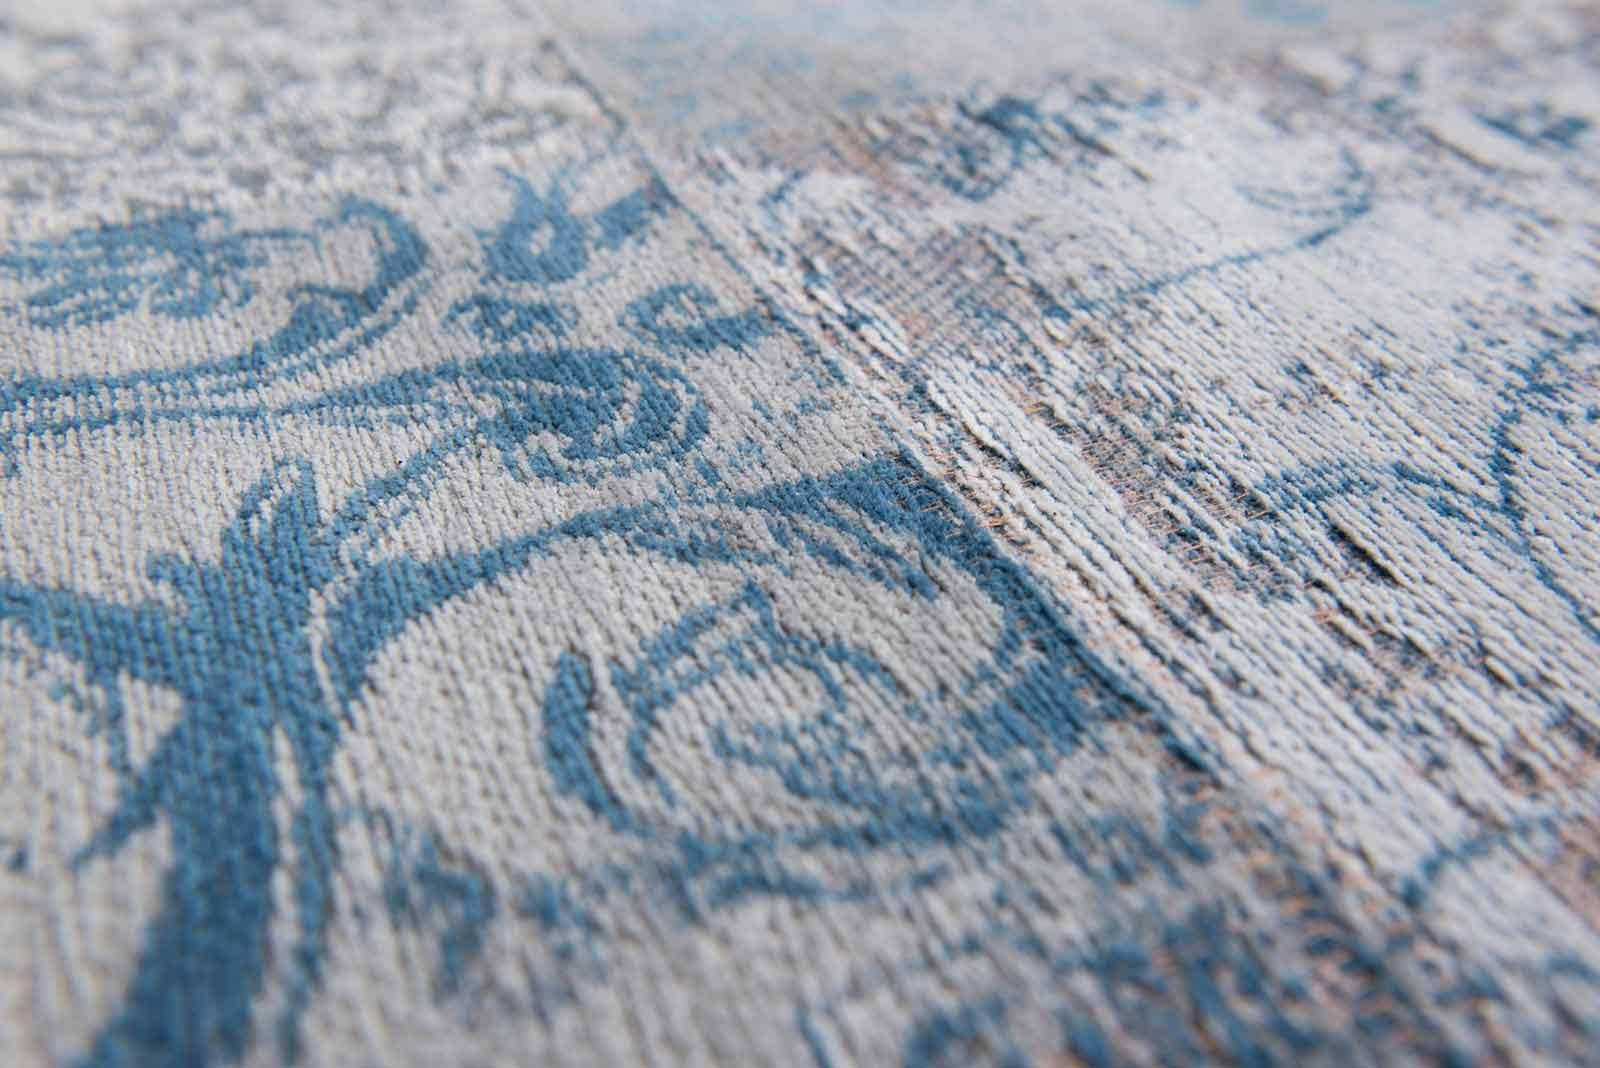 vloerkleed Louis De Poortere LX8981 Vintage Bruges Blue zoom